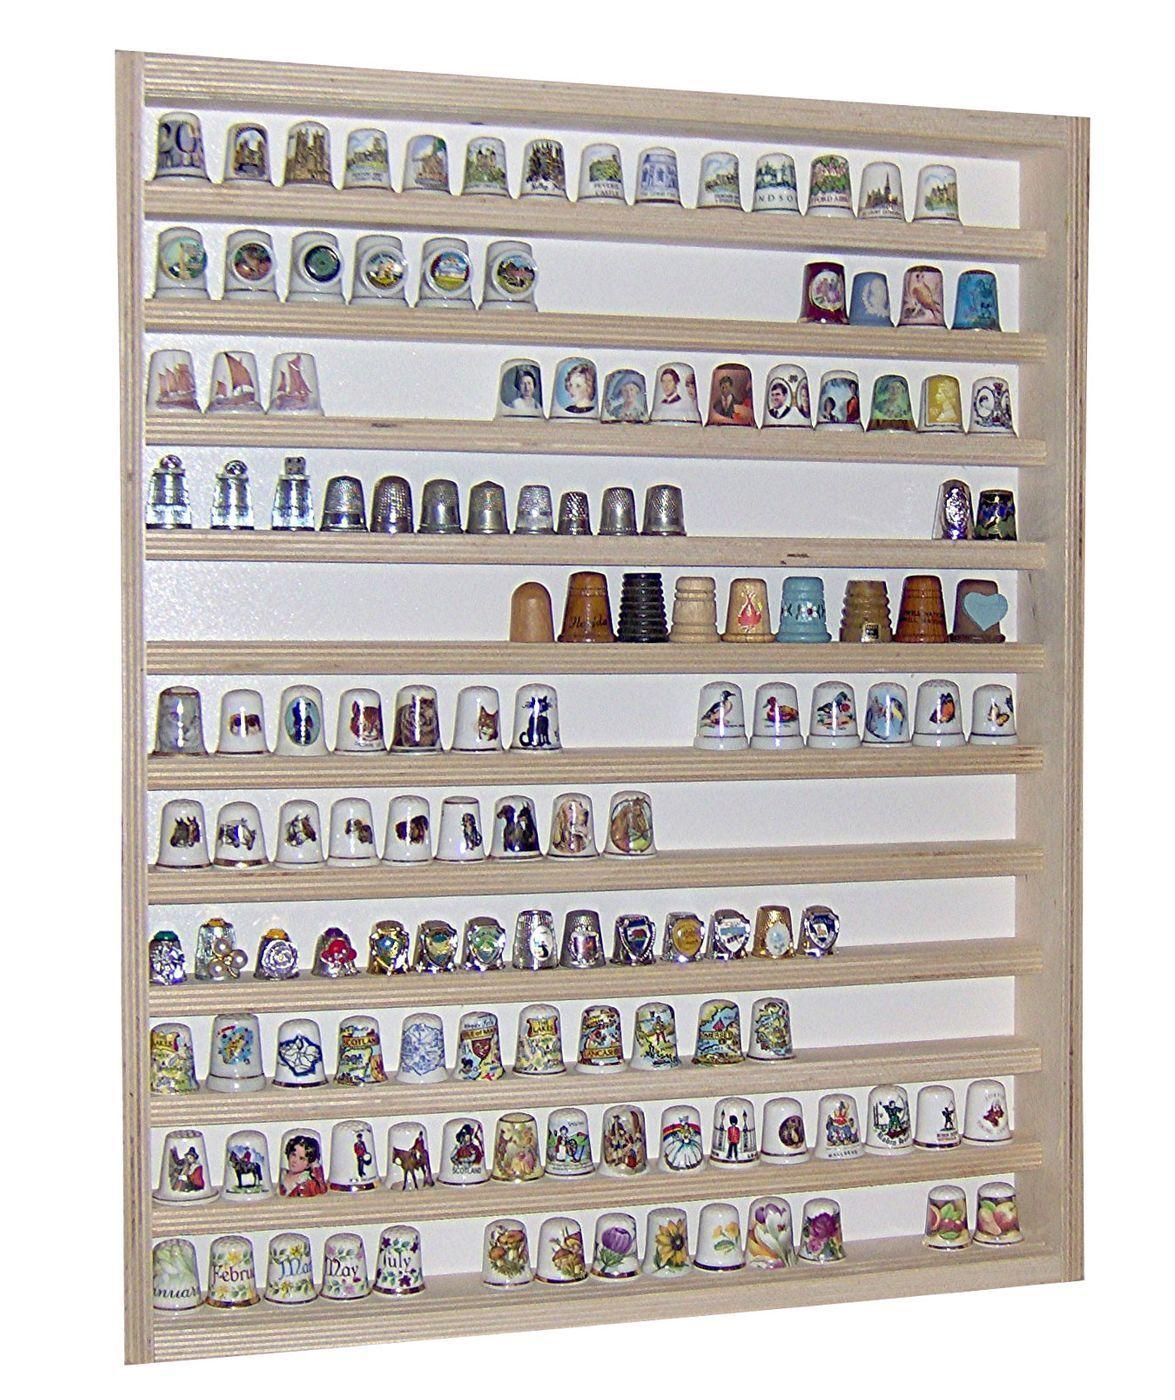 V75 - Vitrine murale 41 x 52 x 5 cm collection miniature collecteur dé à coudre